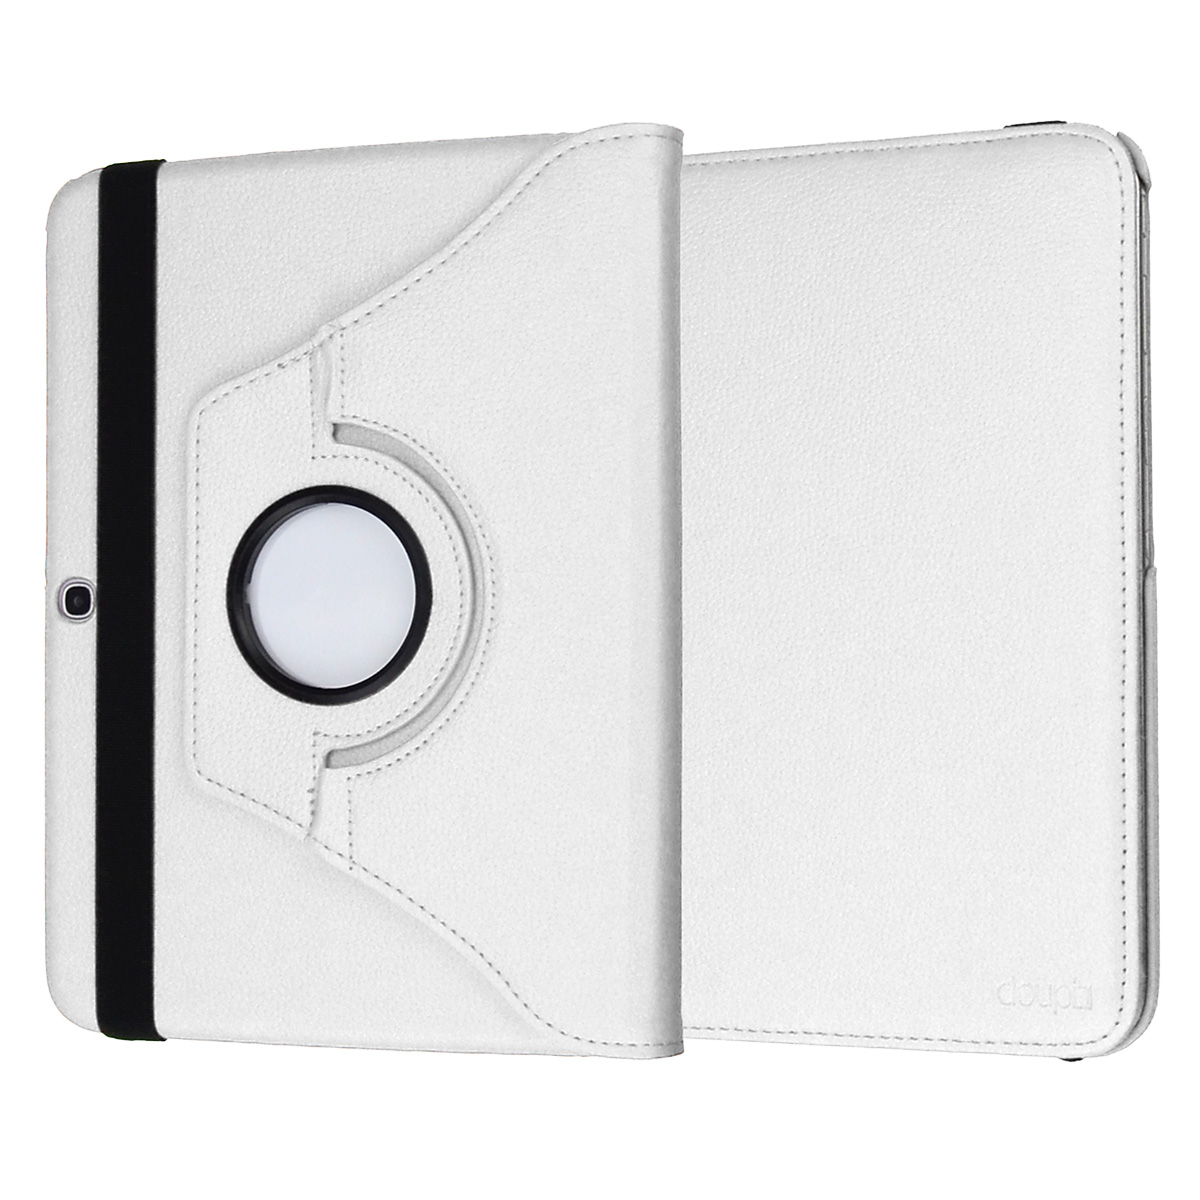 360-drehbar-Huelle-Samsung-Tab-E-9-6-Schutz-Cover-Case-Tasche-Etui-Staender-Folie Indexbild 13